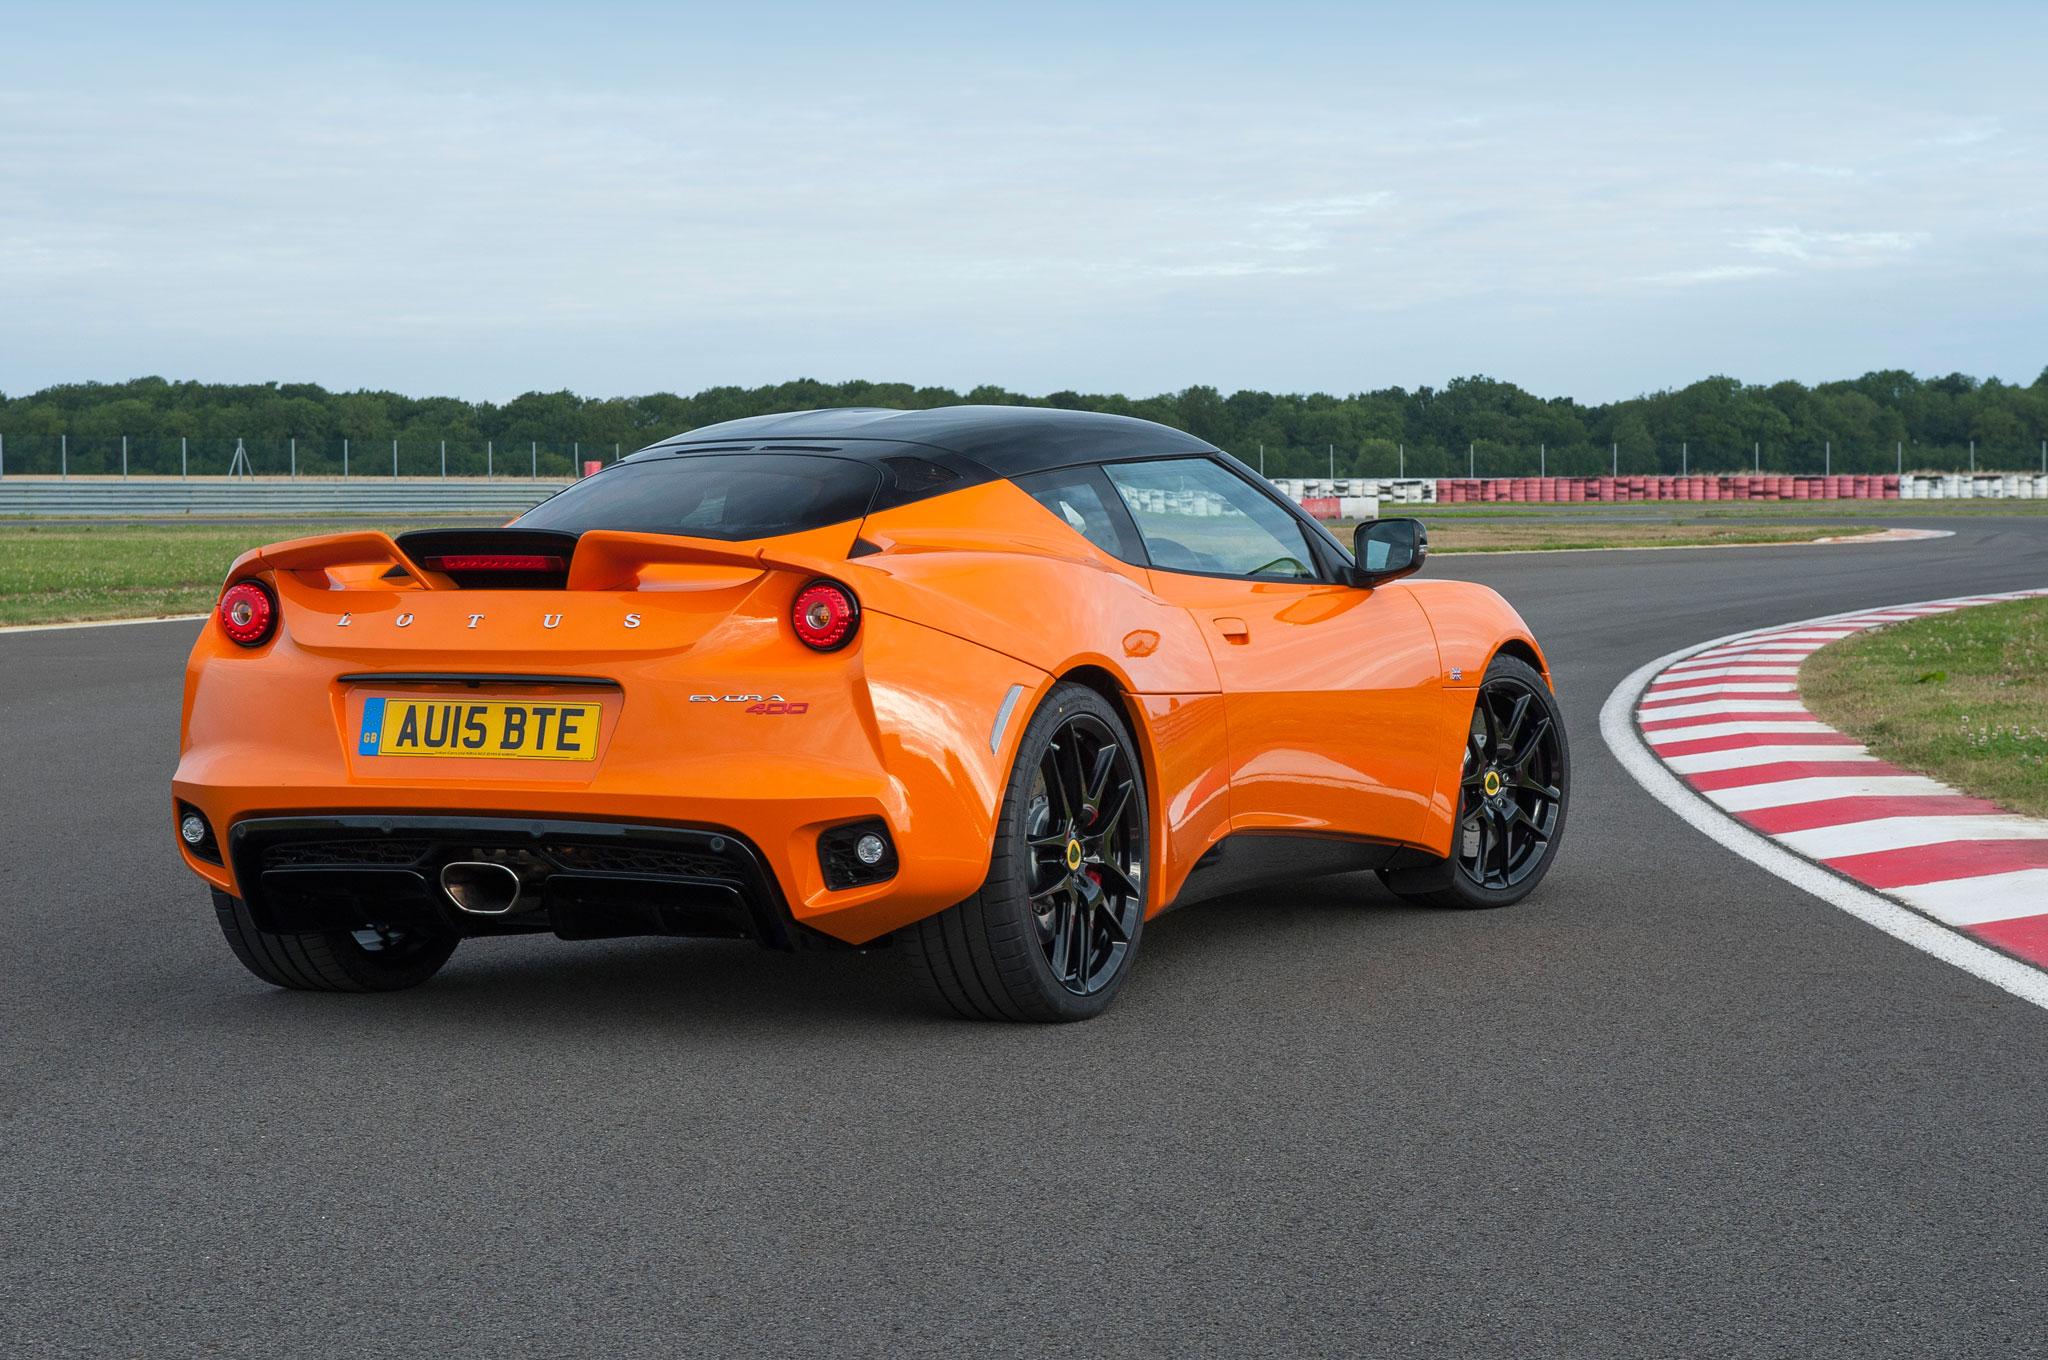 http://st.automobilemag.com/uploads/sites/11/2015/08/2016-Lotus-Evora-400-rear-three-quarter-02.jpg